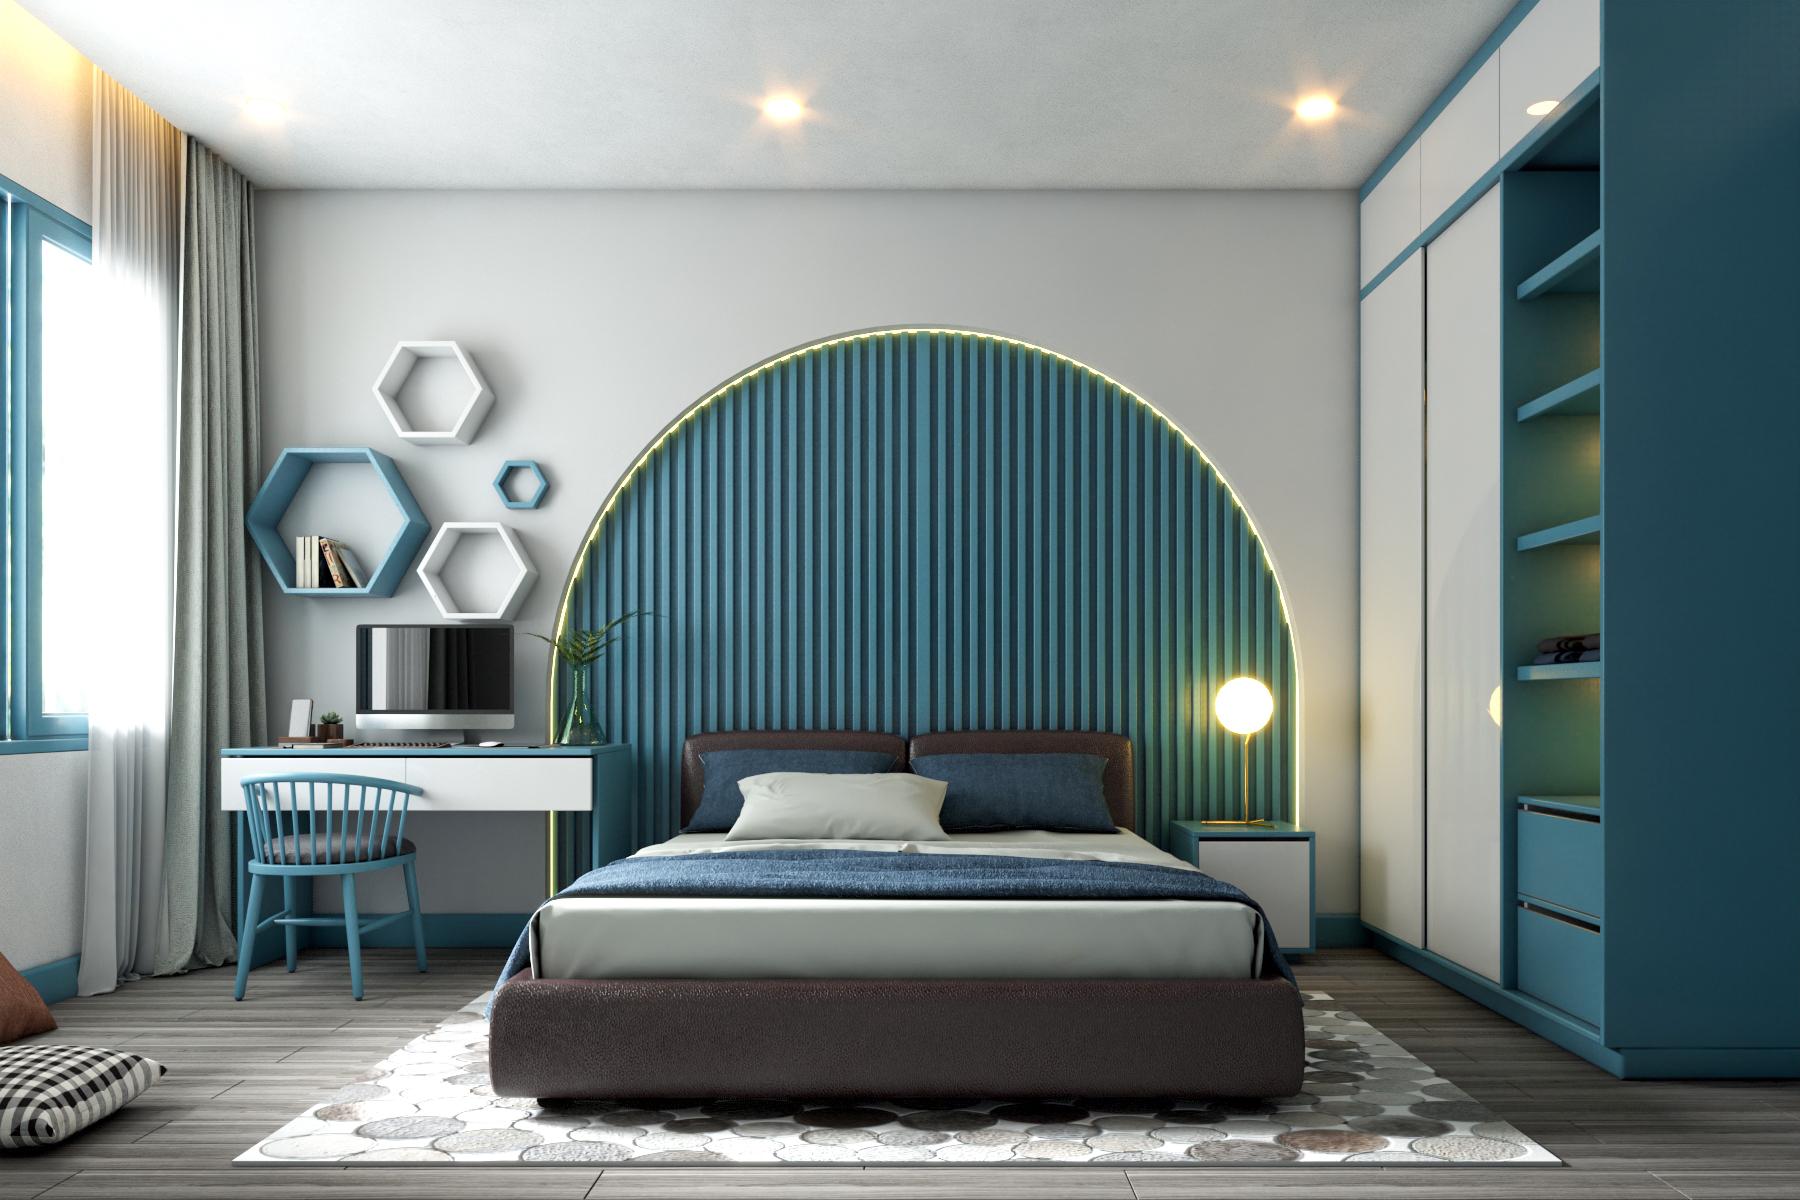 Thiết kế nội thất Nhà Mặt Phố tại Hà Nội cải tạo nội thất nhà phố 1584583716 2